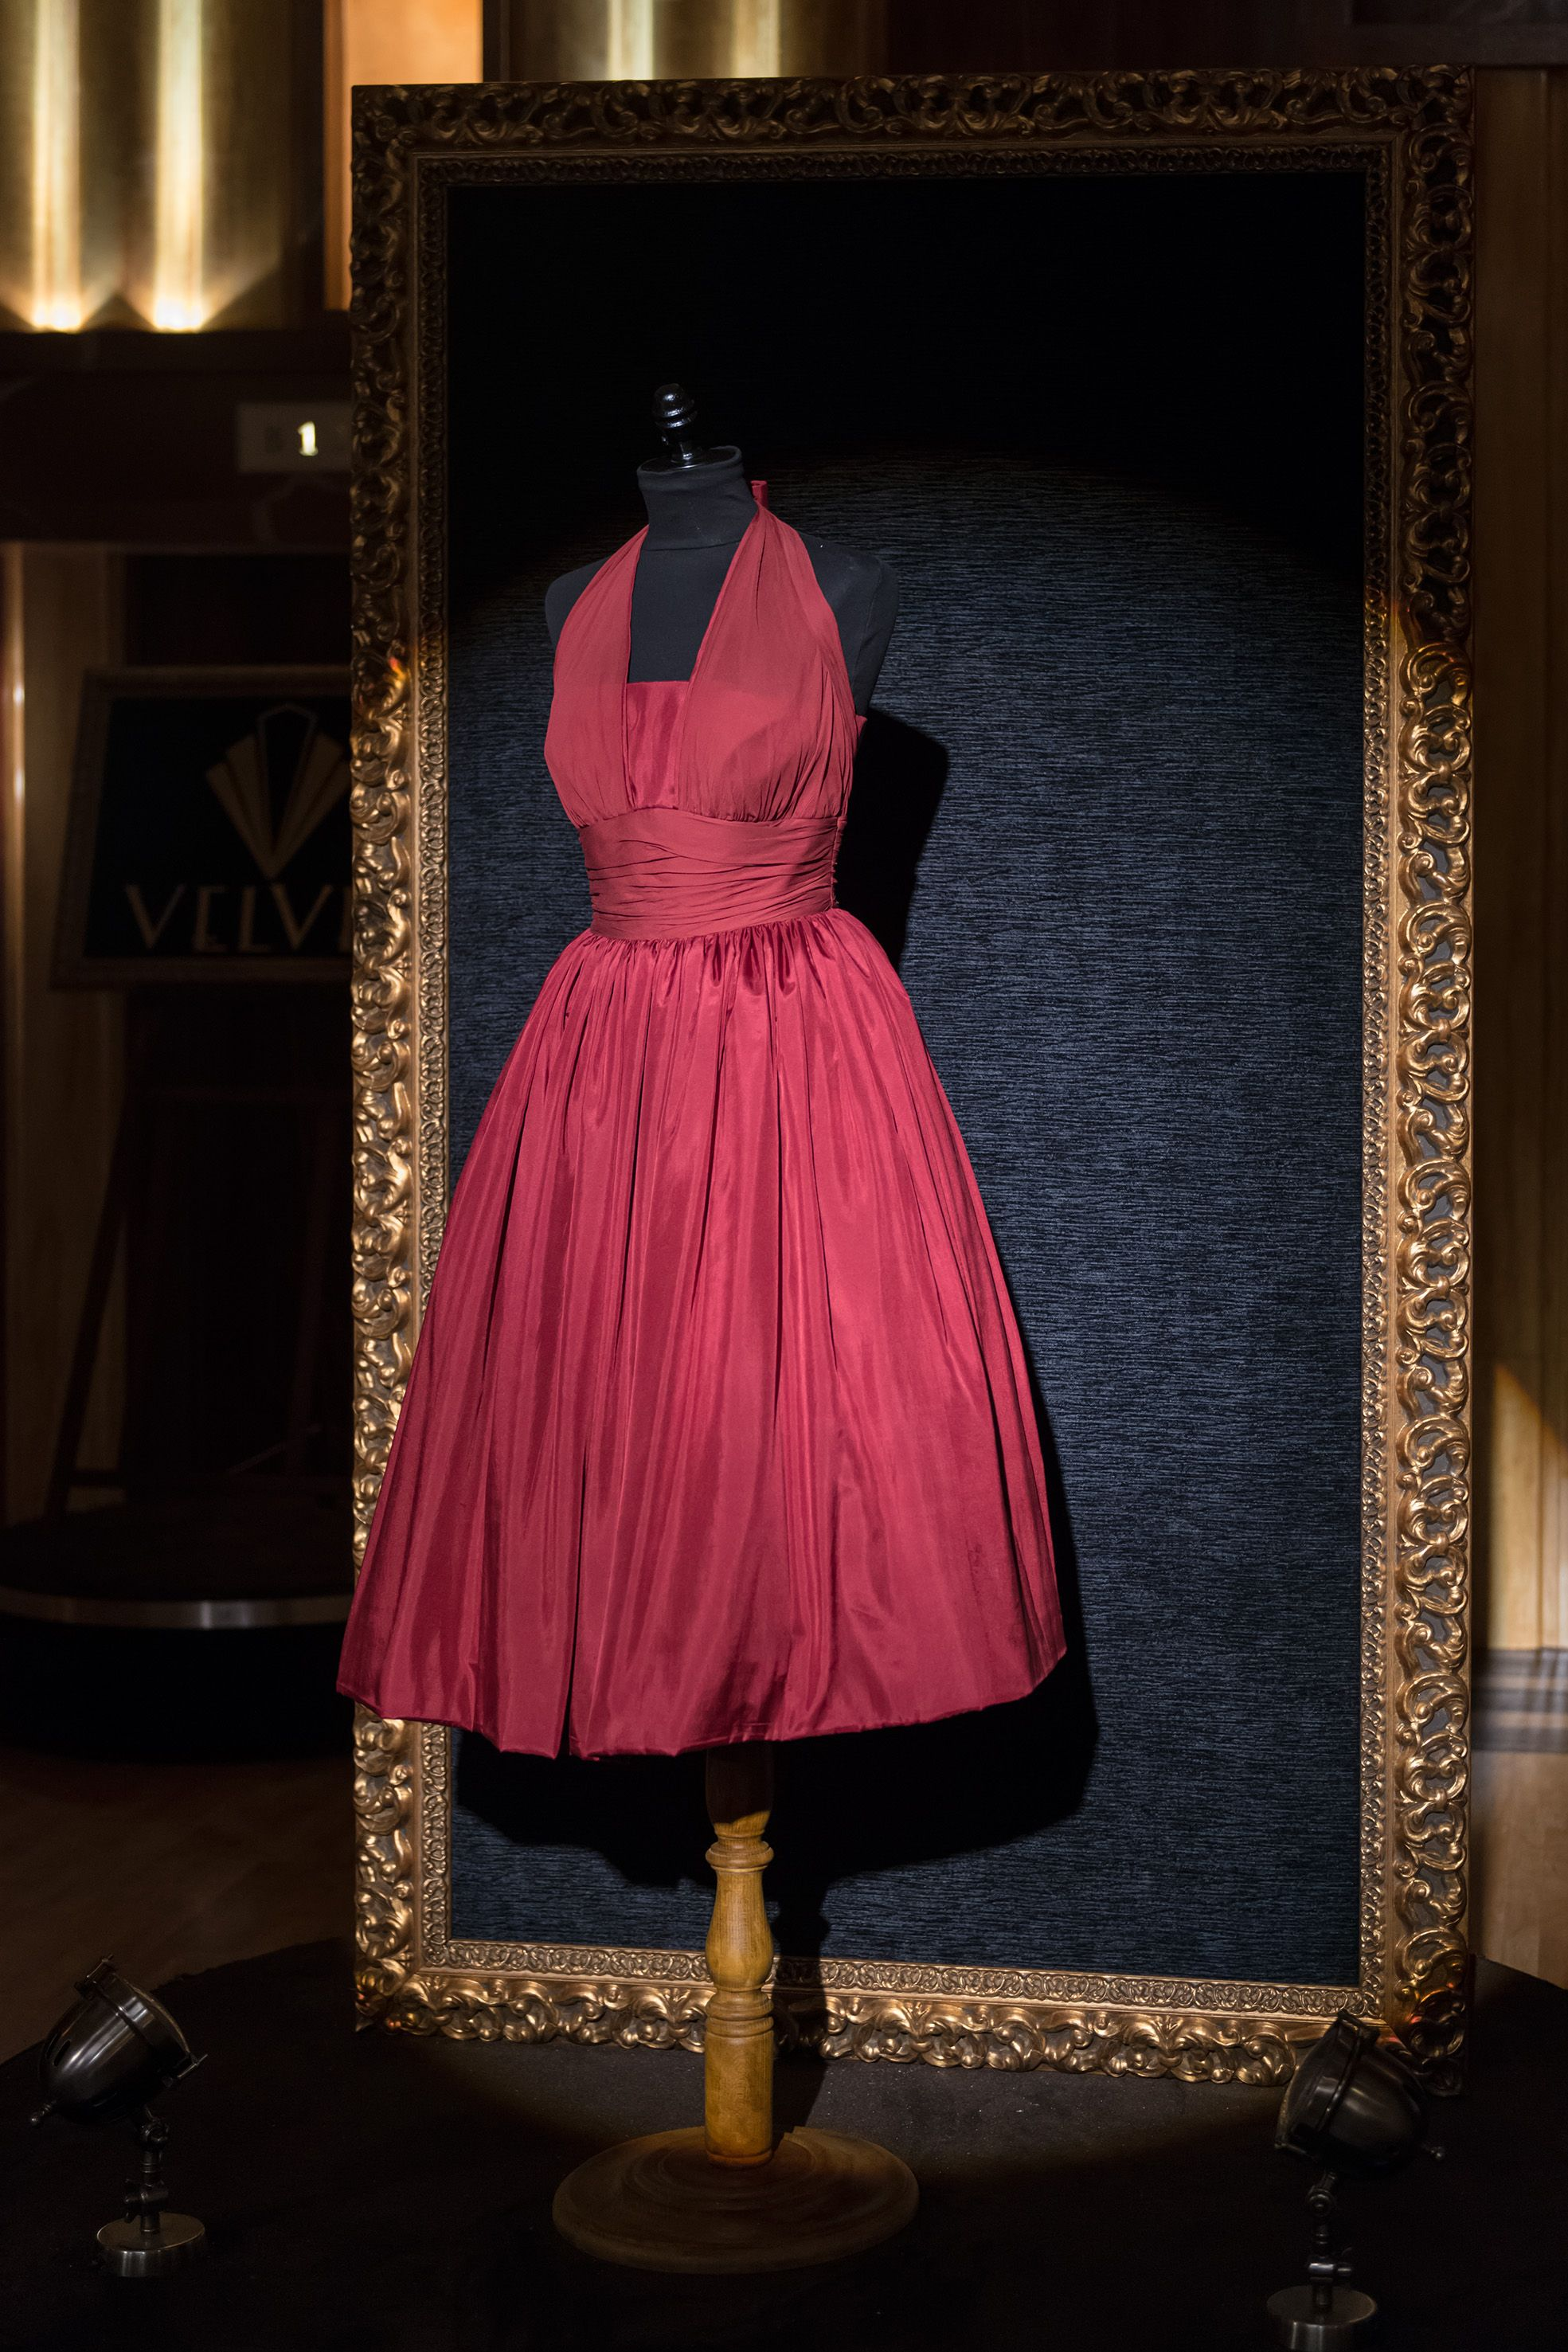 Me Encanta Quiero Uno Igual Vestido Rojo Velvet Vestidos Rojos Vestidos De época